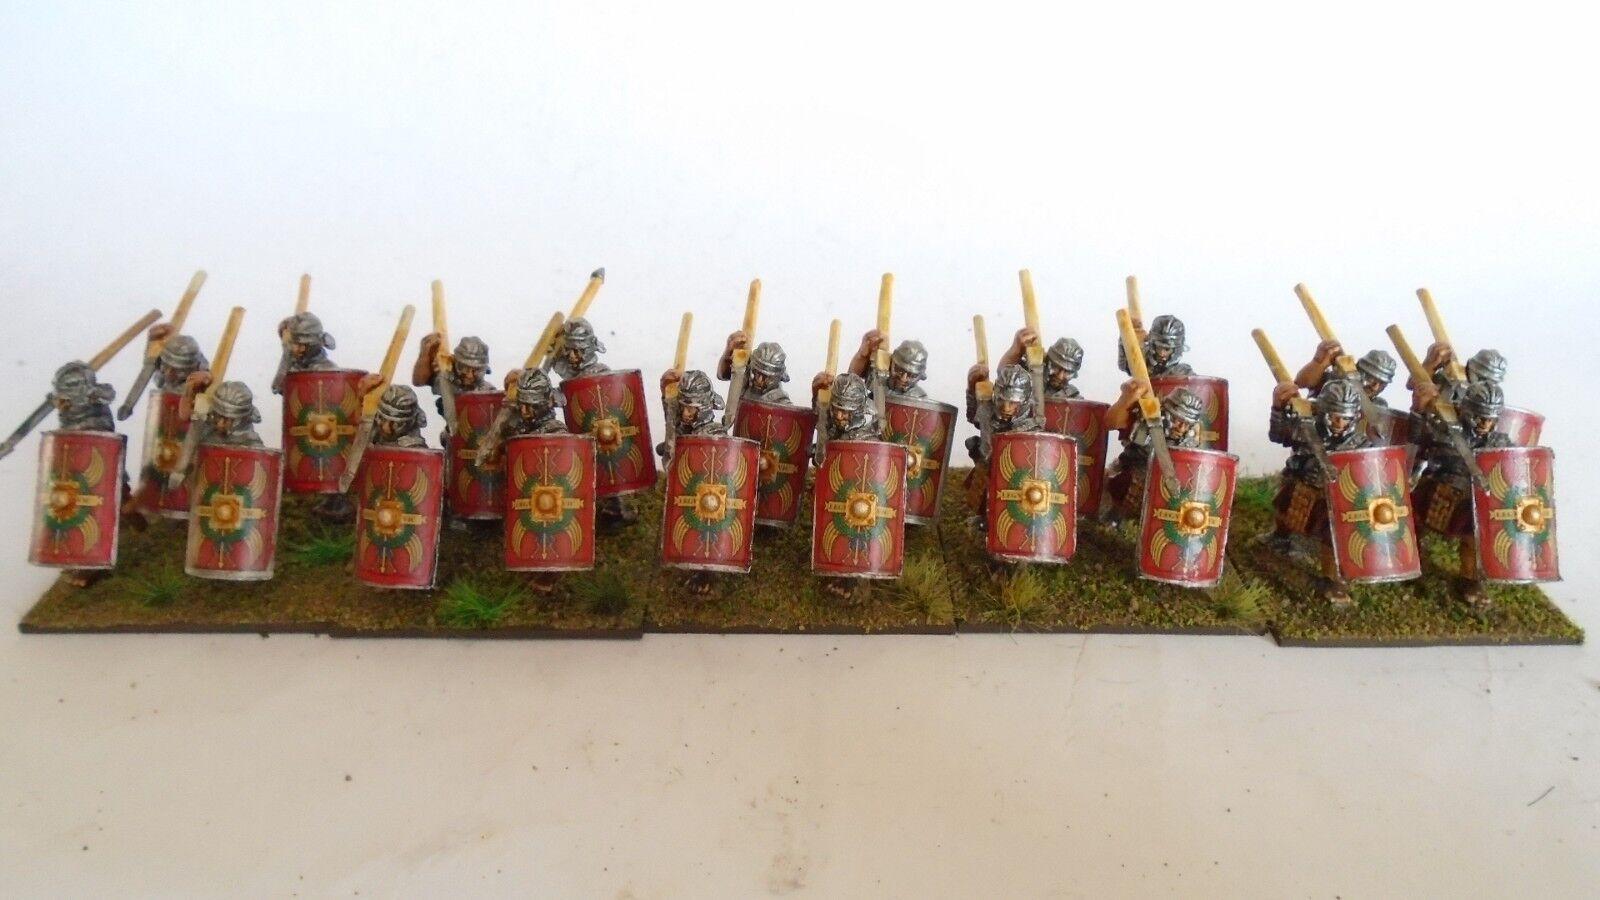 20 28mm Antiguo legionarios romanos por fundición para Swordpoint wabh kowh adlg DBMM